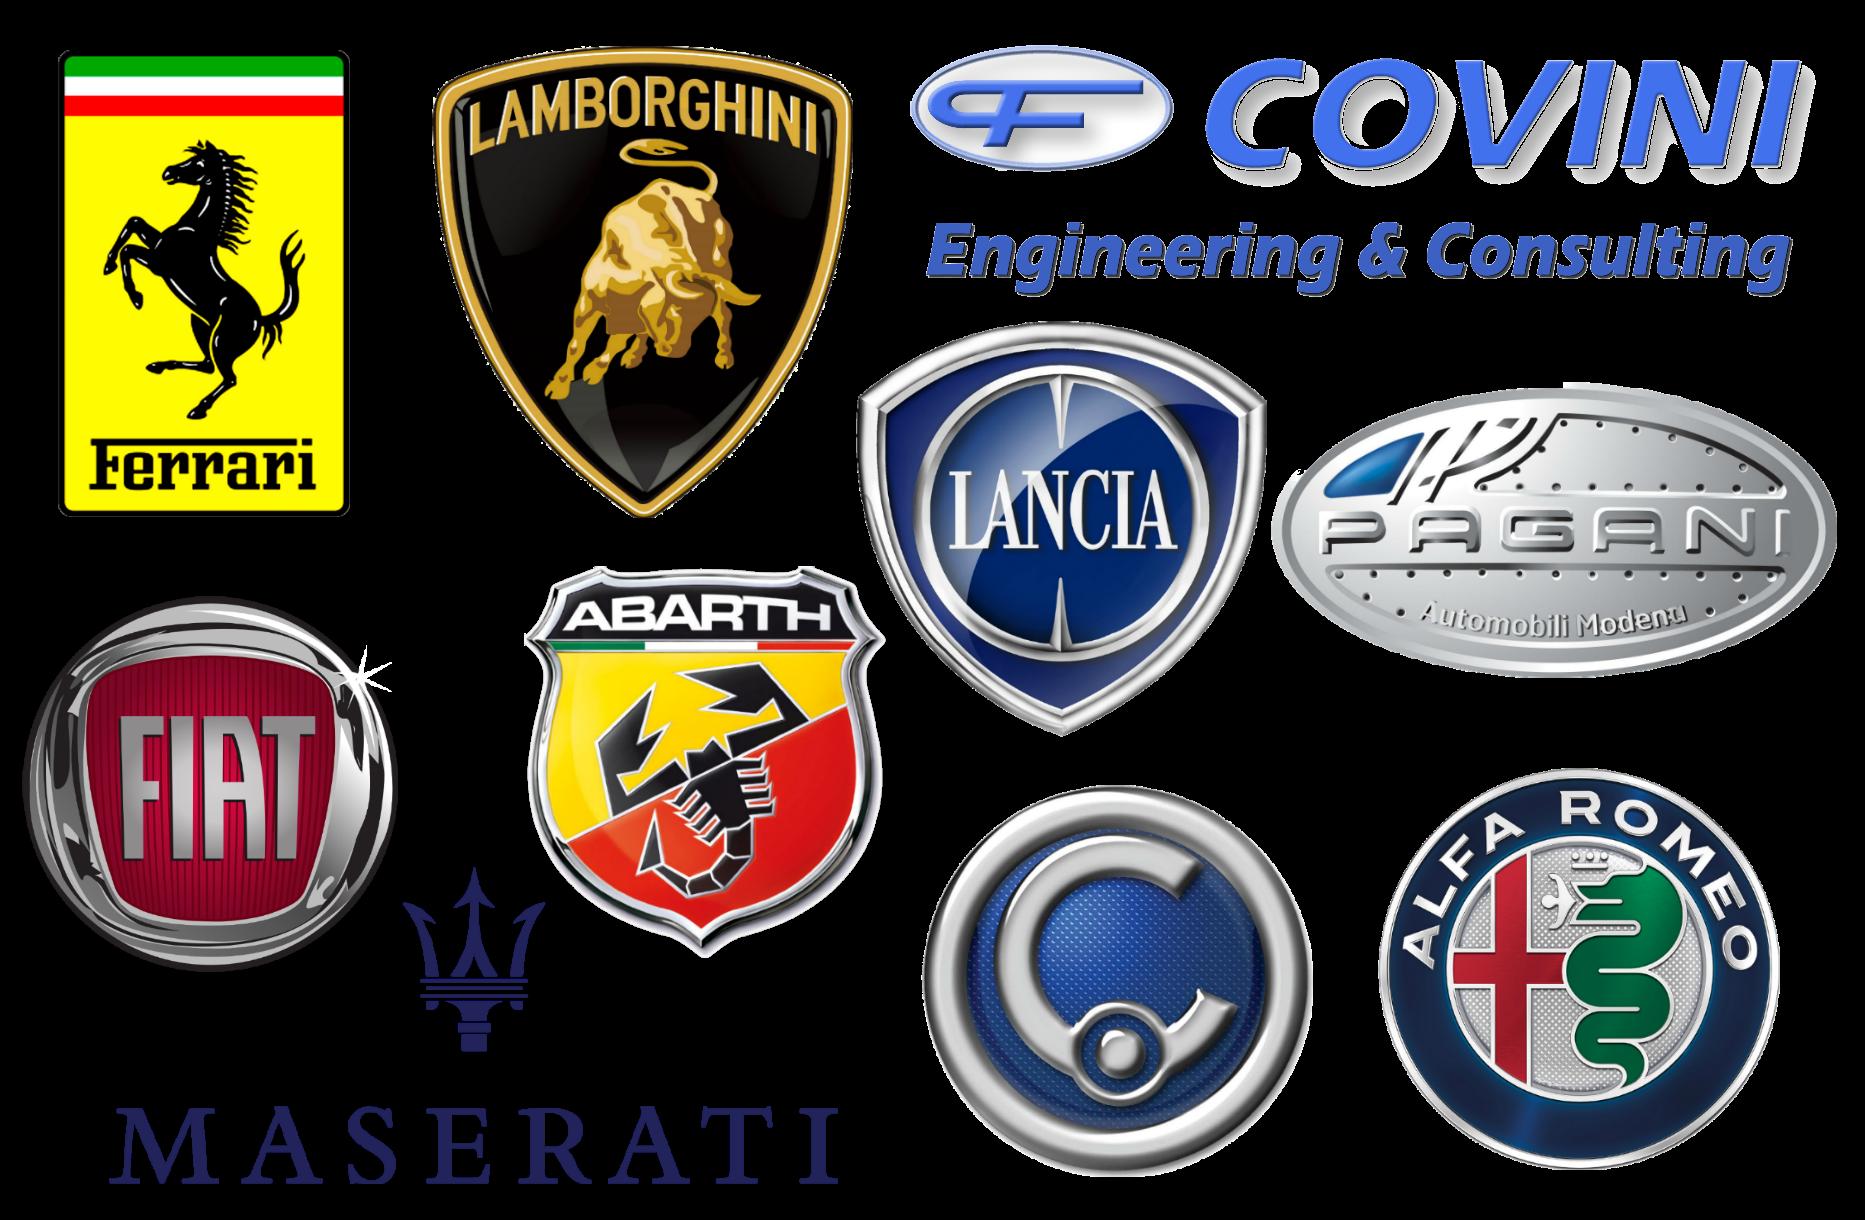 Nice Car Brand Names Wallpaper In 2020 Car Brands Logos Car Brands Italian Cars